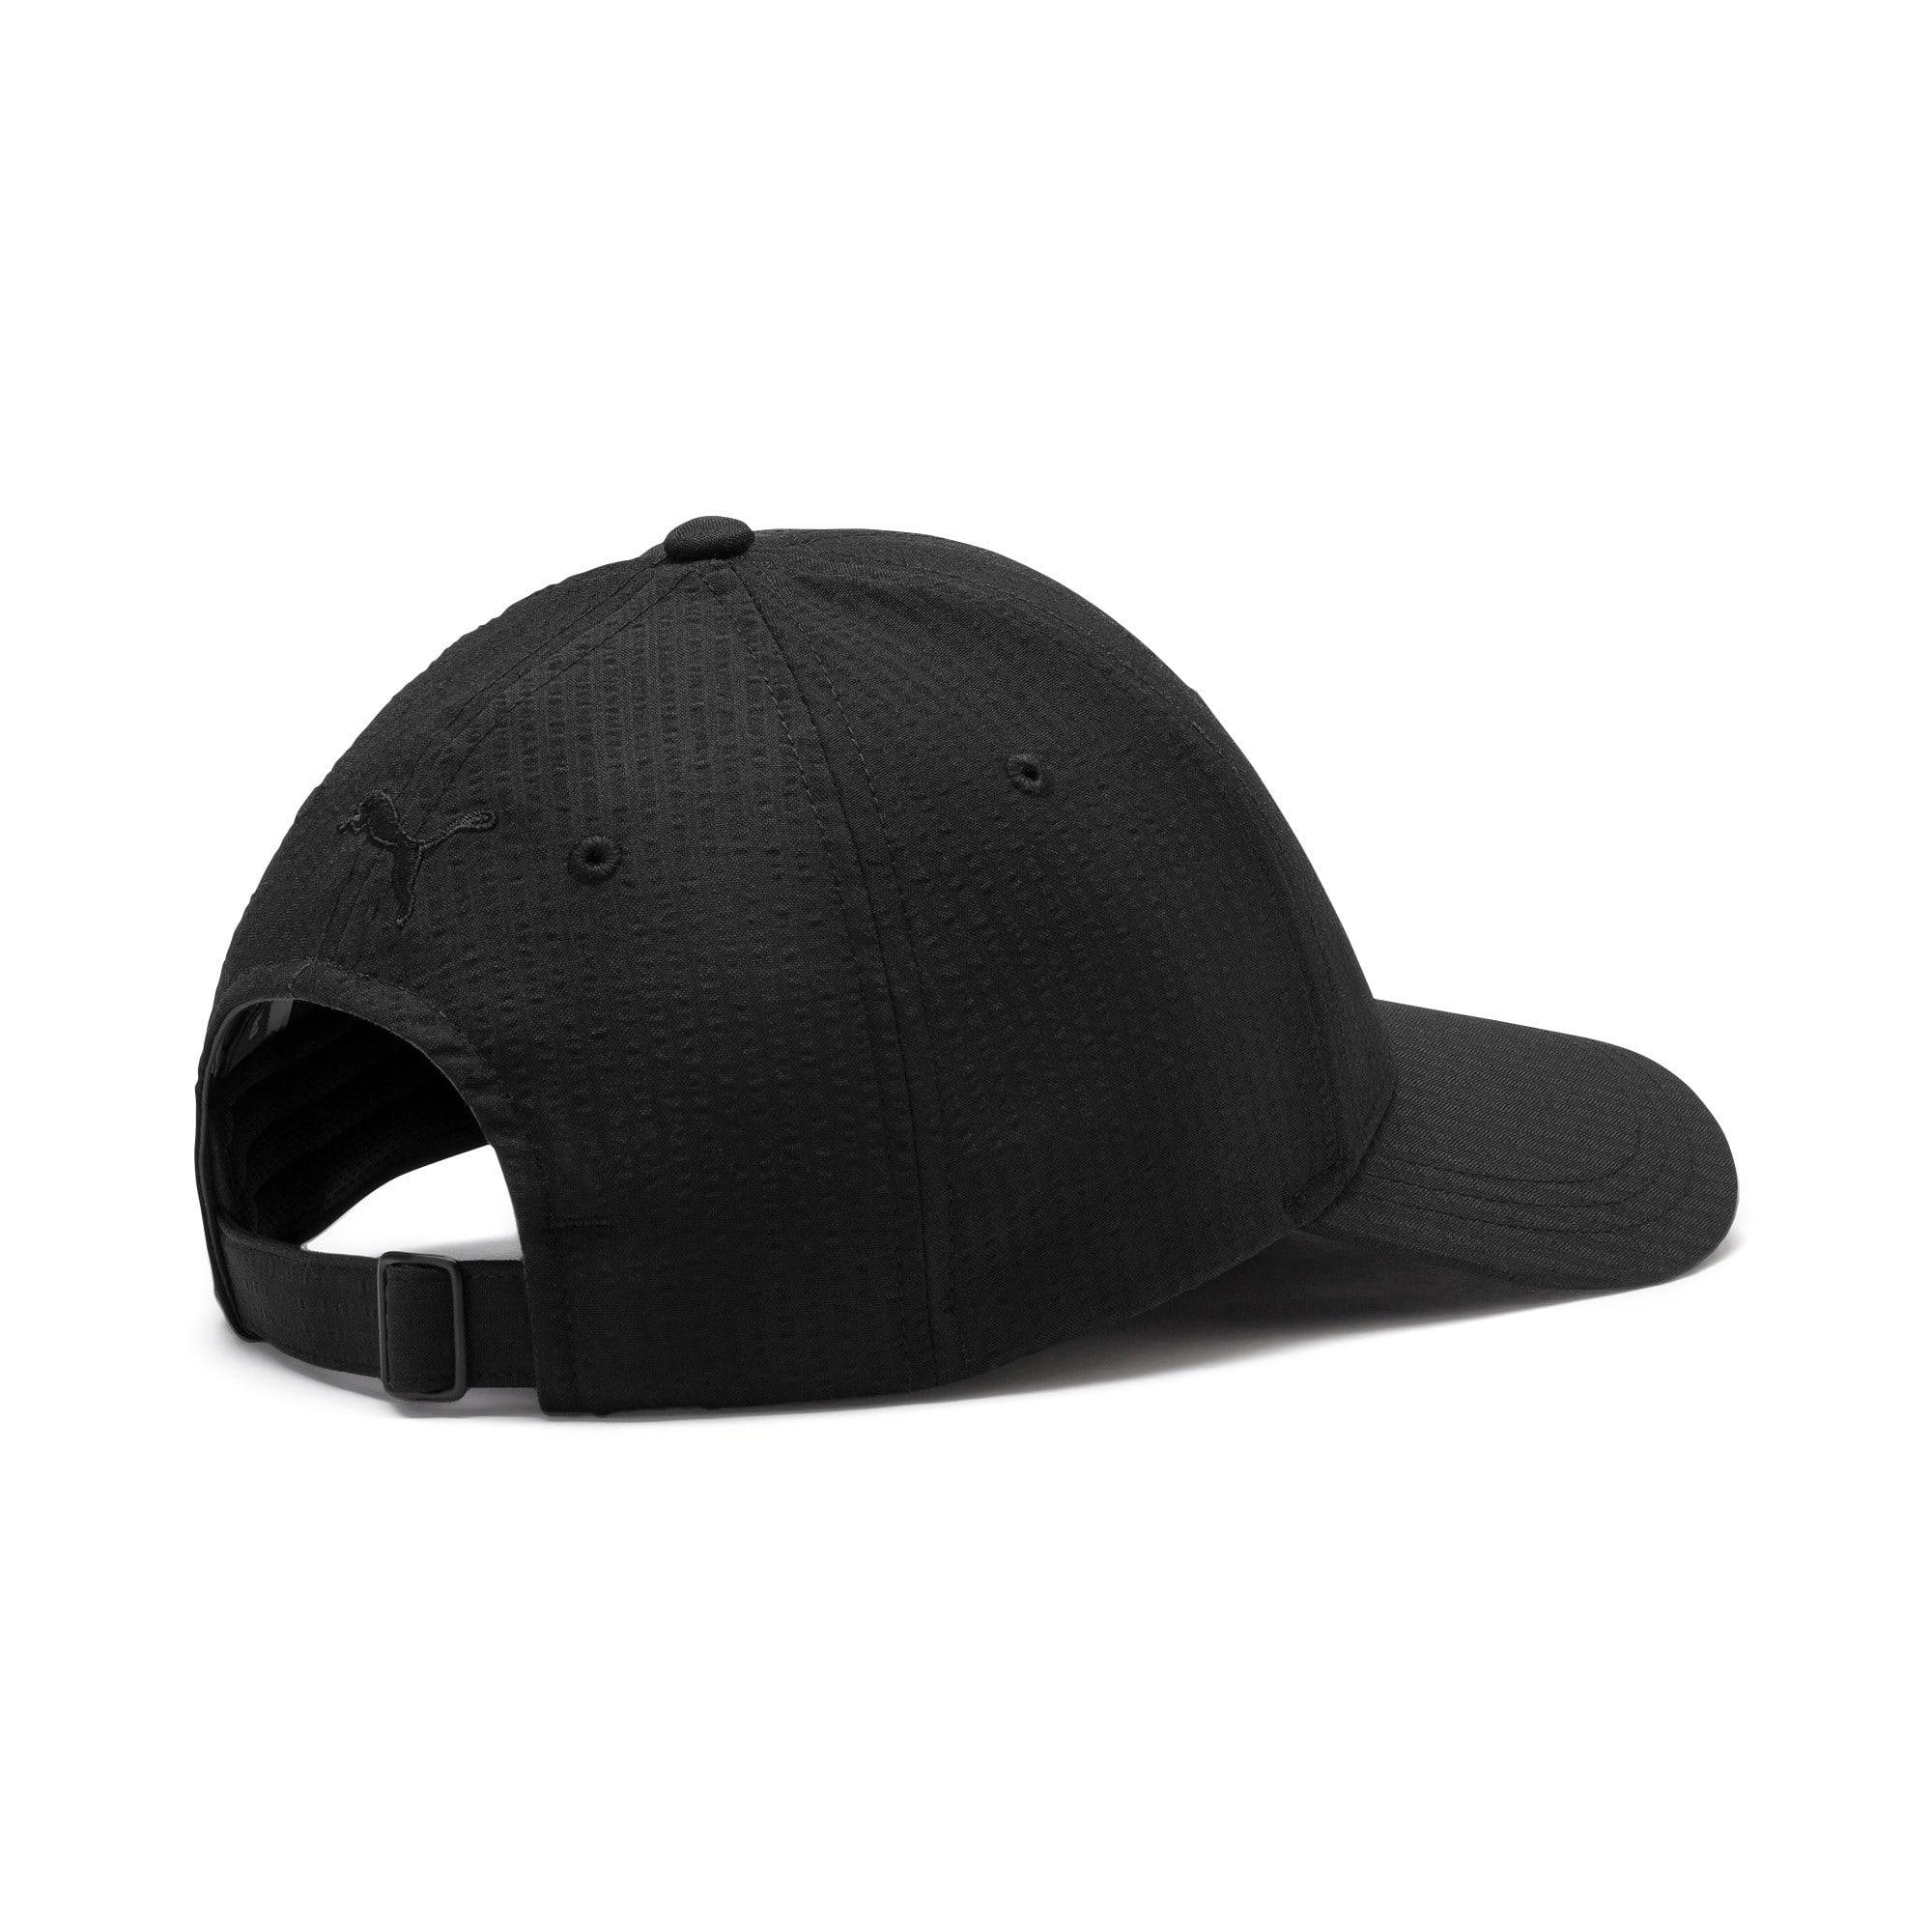 Thumbnail 3 of Ferrari Lifestyle Baseball Cap, Puma Black, medium